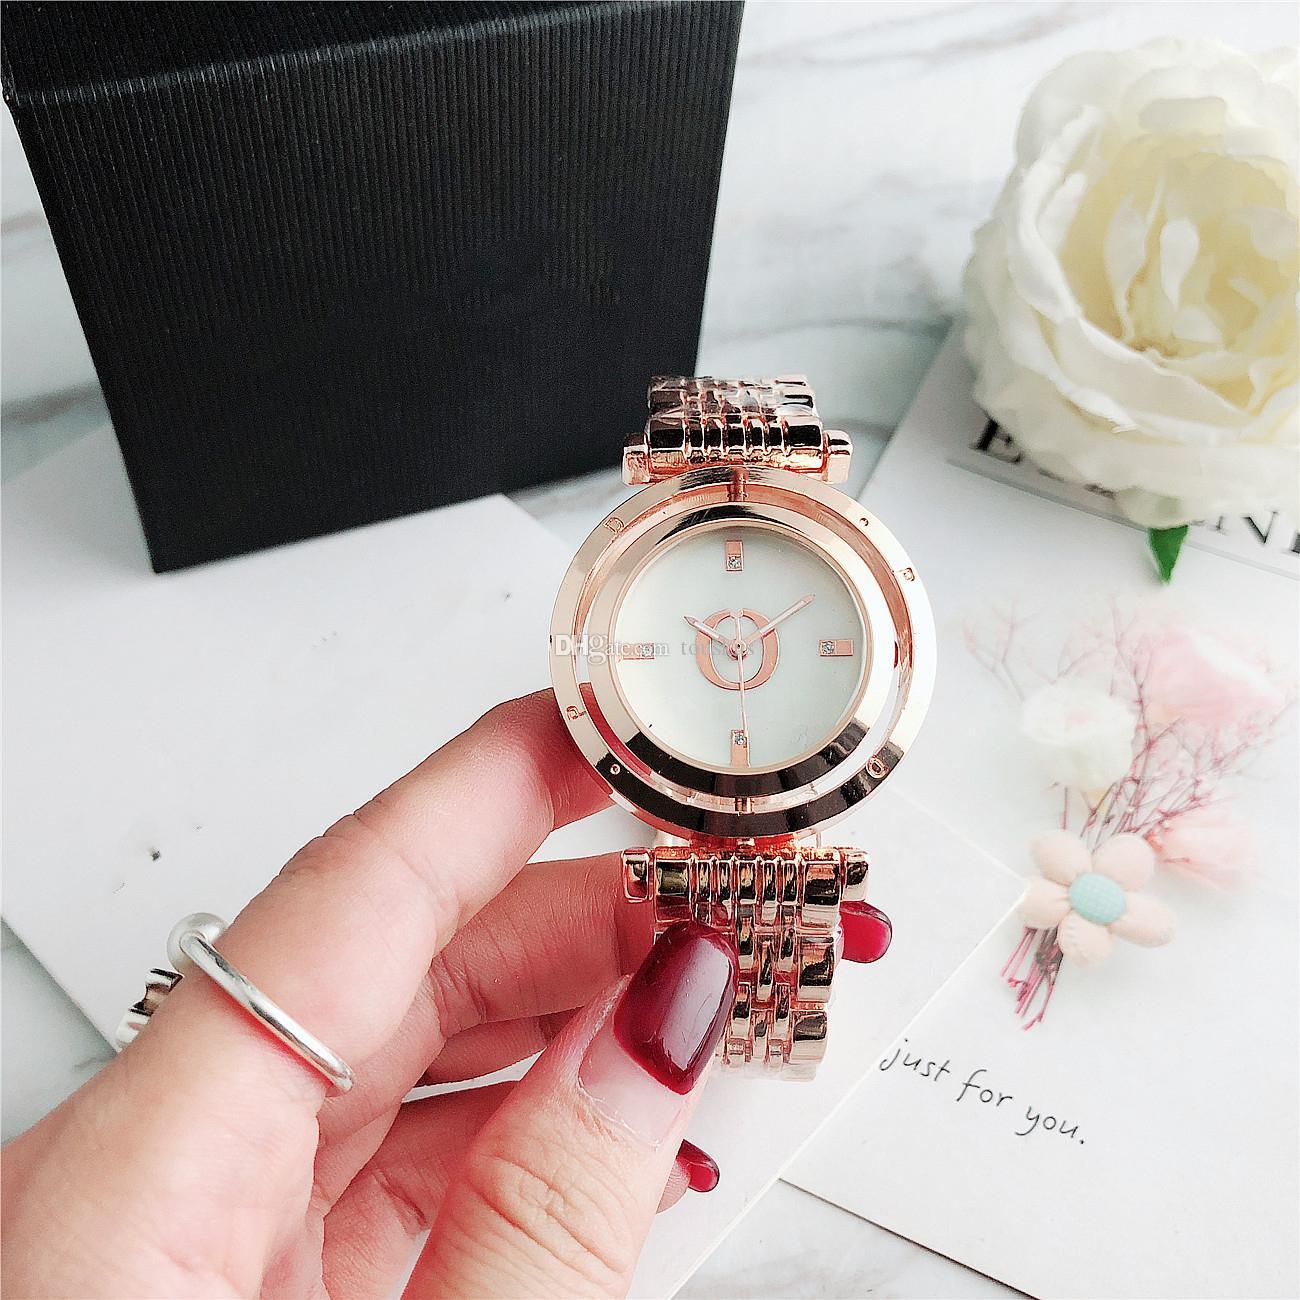 Повседневная мода Алмазный кварцевые женские часы ROYAL OAK Вращающийся циферблат часов Iced из складной пряжка Бесплатная доставка 6861B